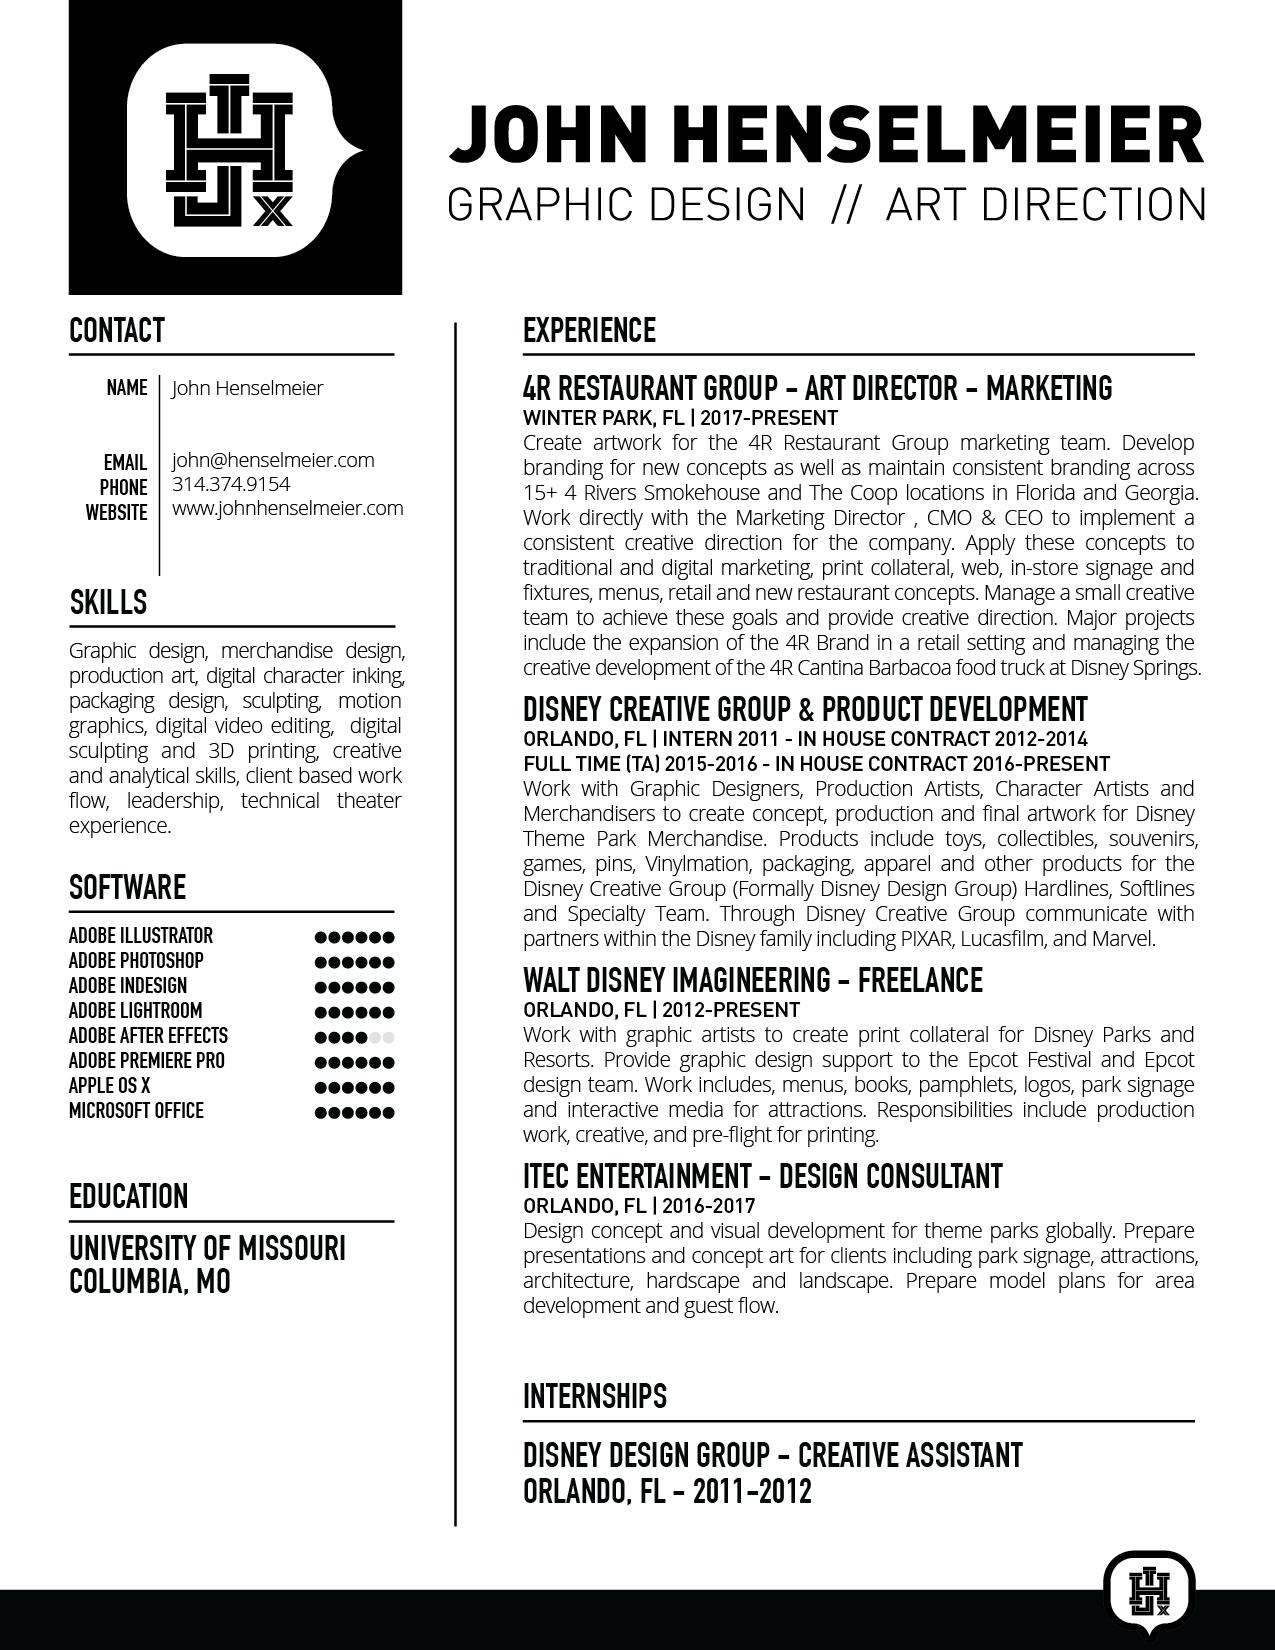 john-henselmeier-resume2019-01.png